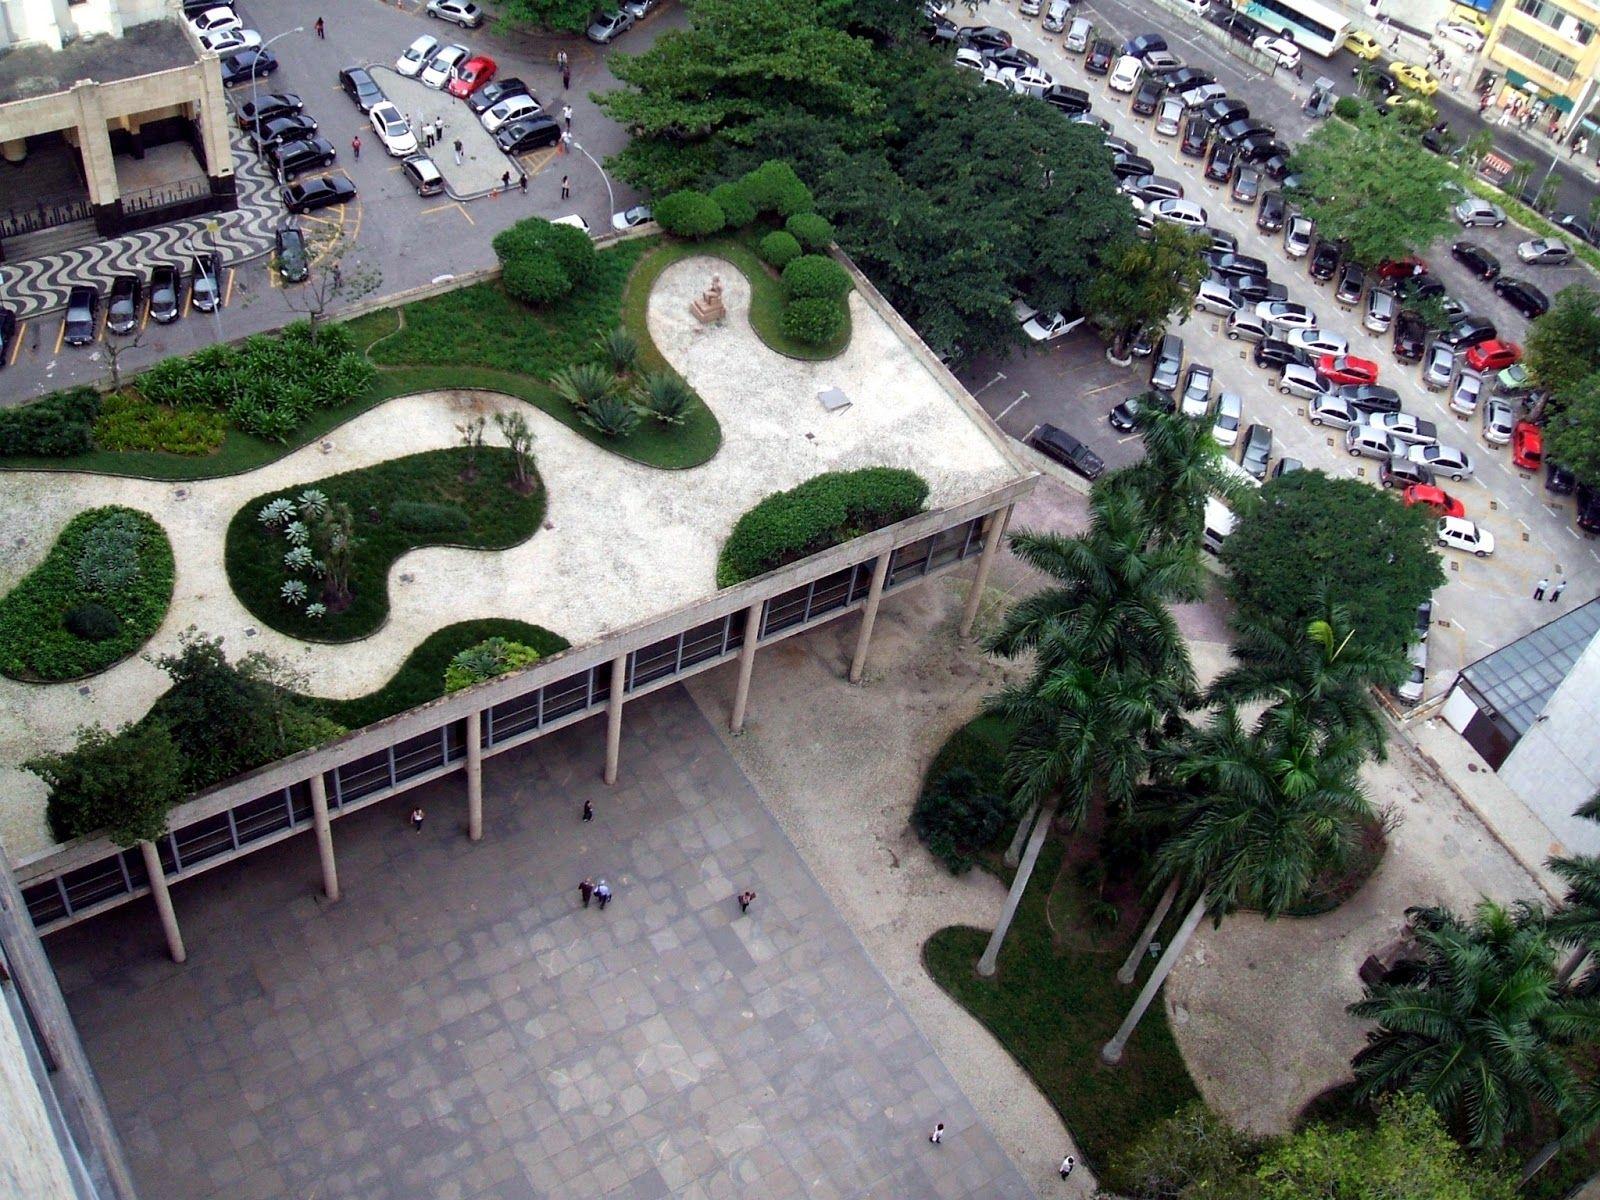 ministerio de educacion y salud rio de janeiro - Buscar con Google